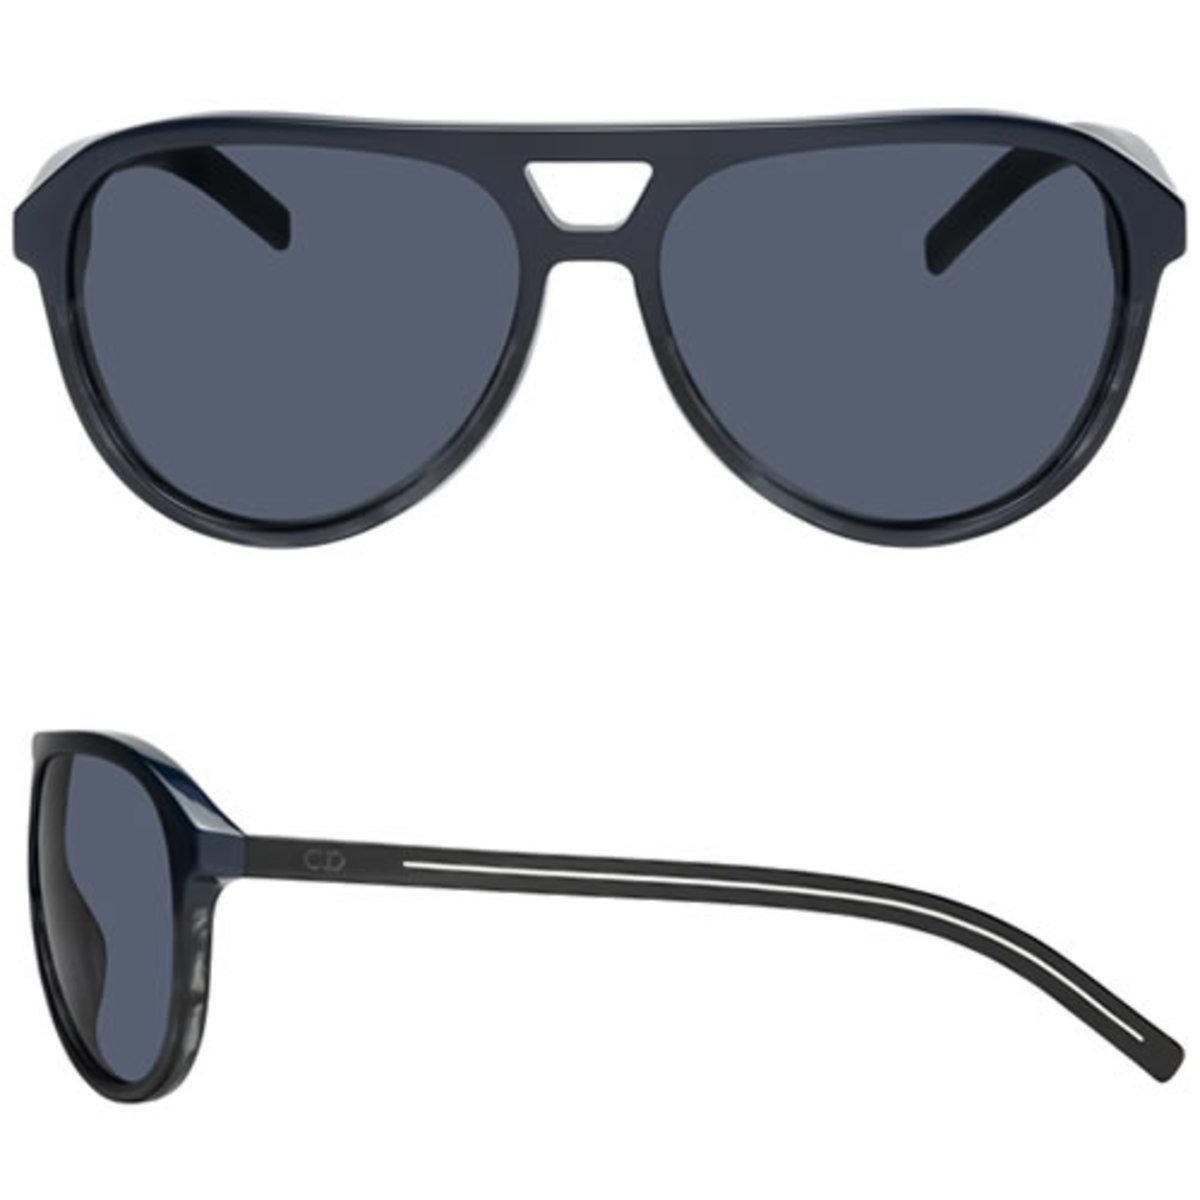 Dior Homme Eyeglass Frames : Dior Homme Black Tie Eyewear S/S 13 - Acquire